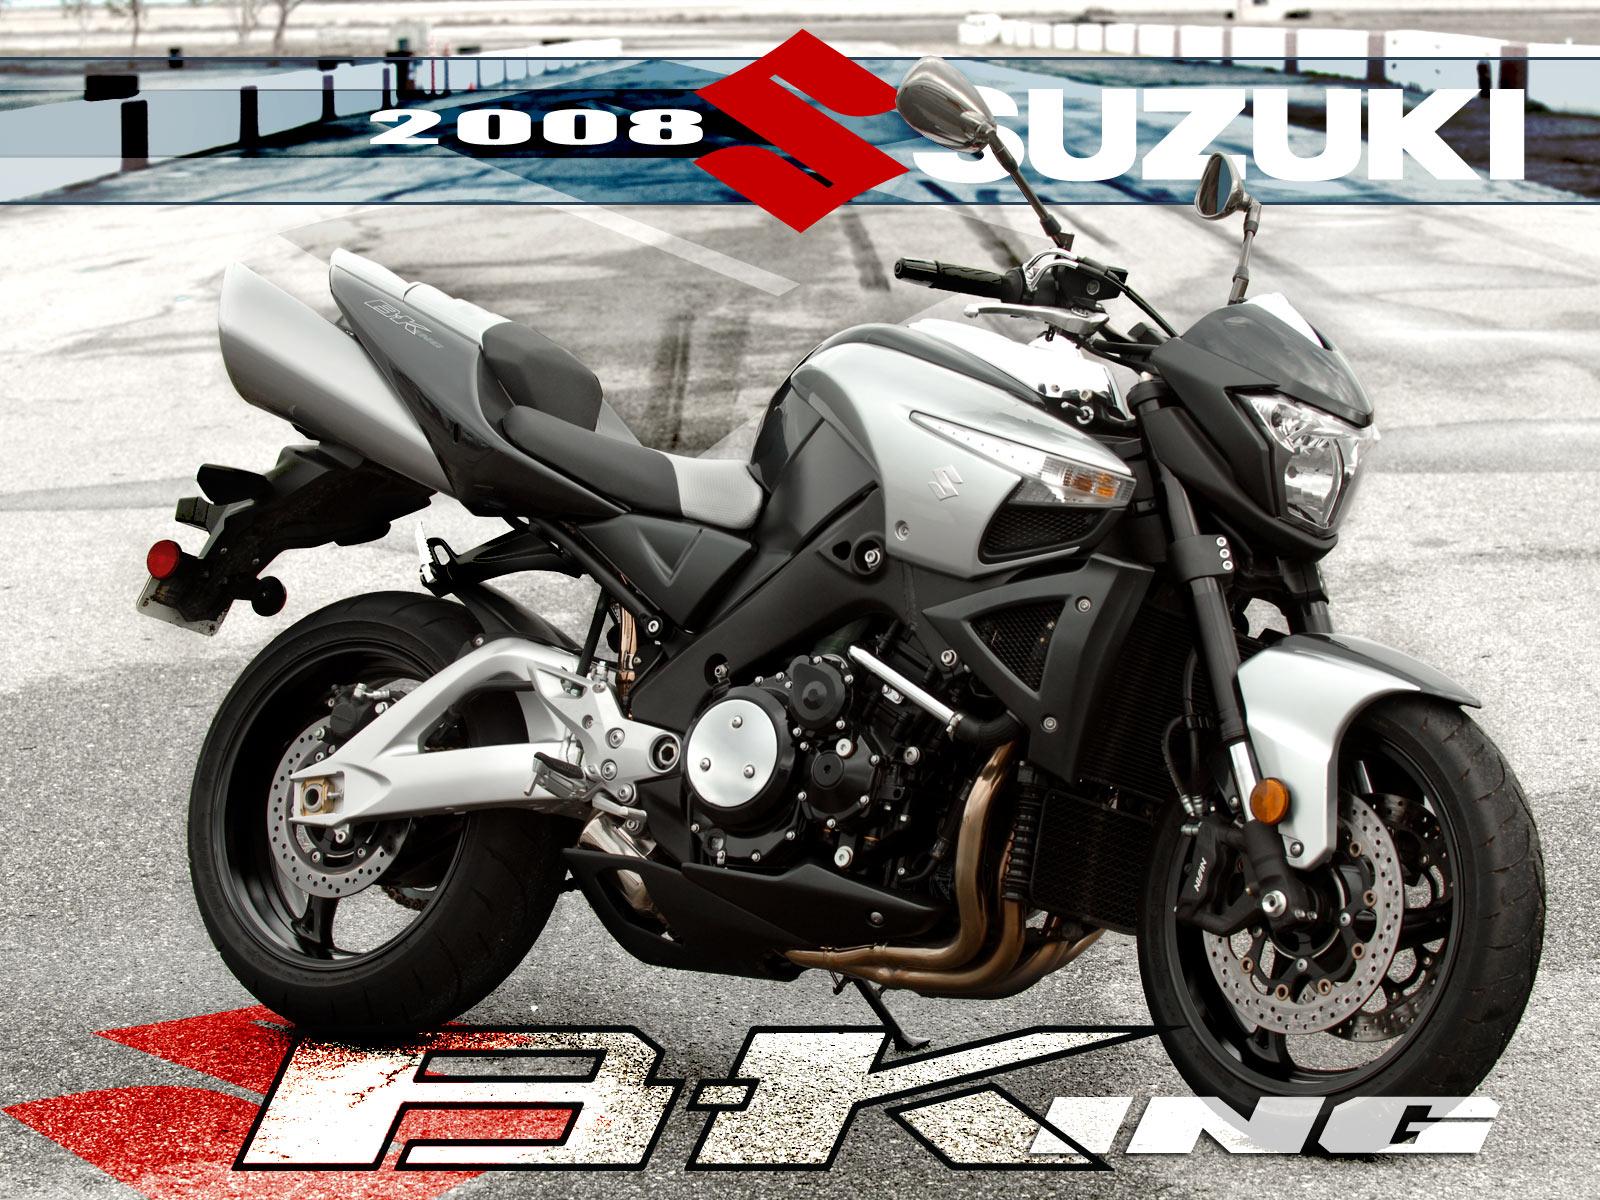 款铃木B-King摩托车图片1